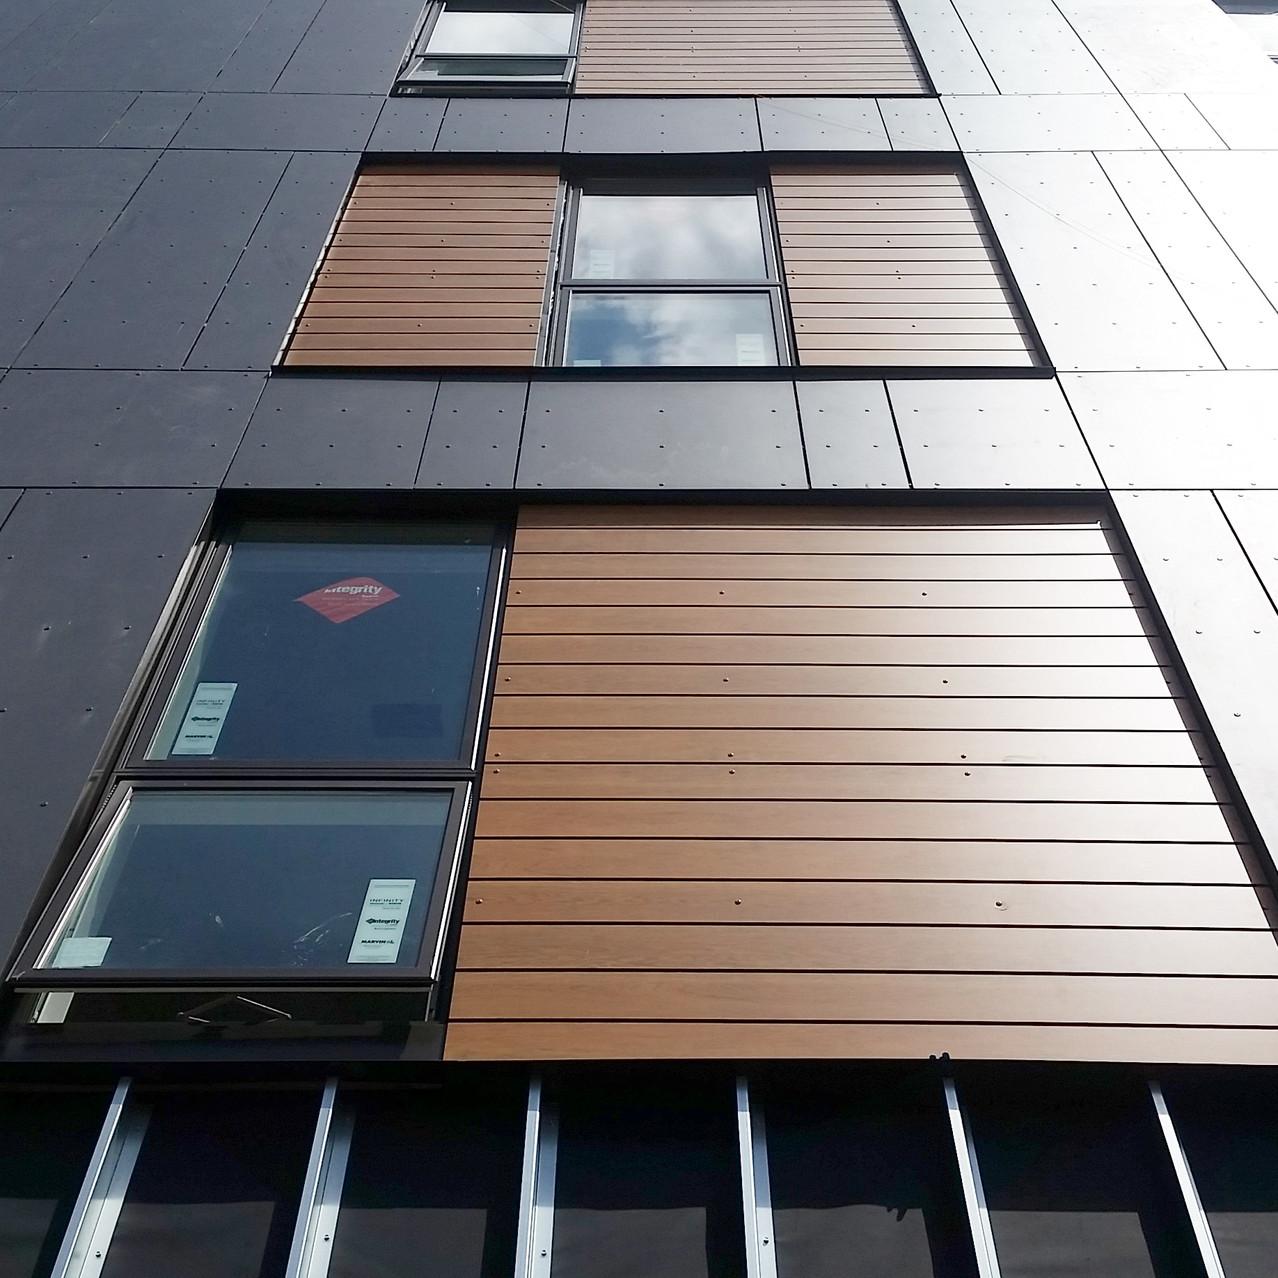 232OC - Composite Panel Facade